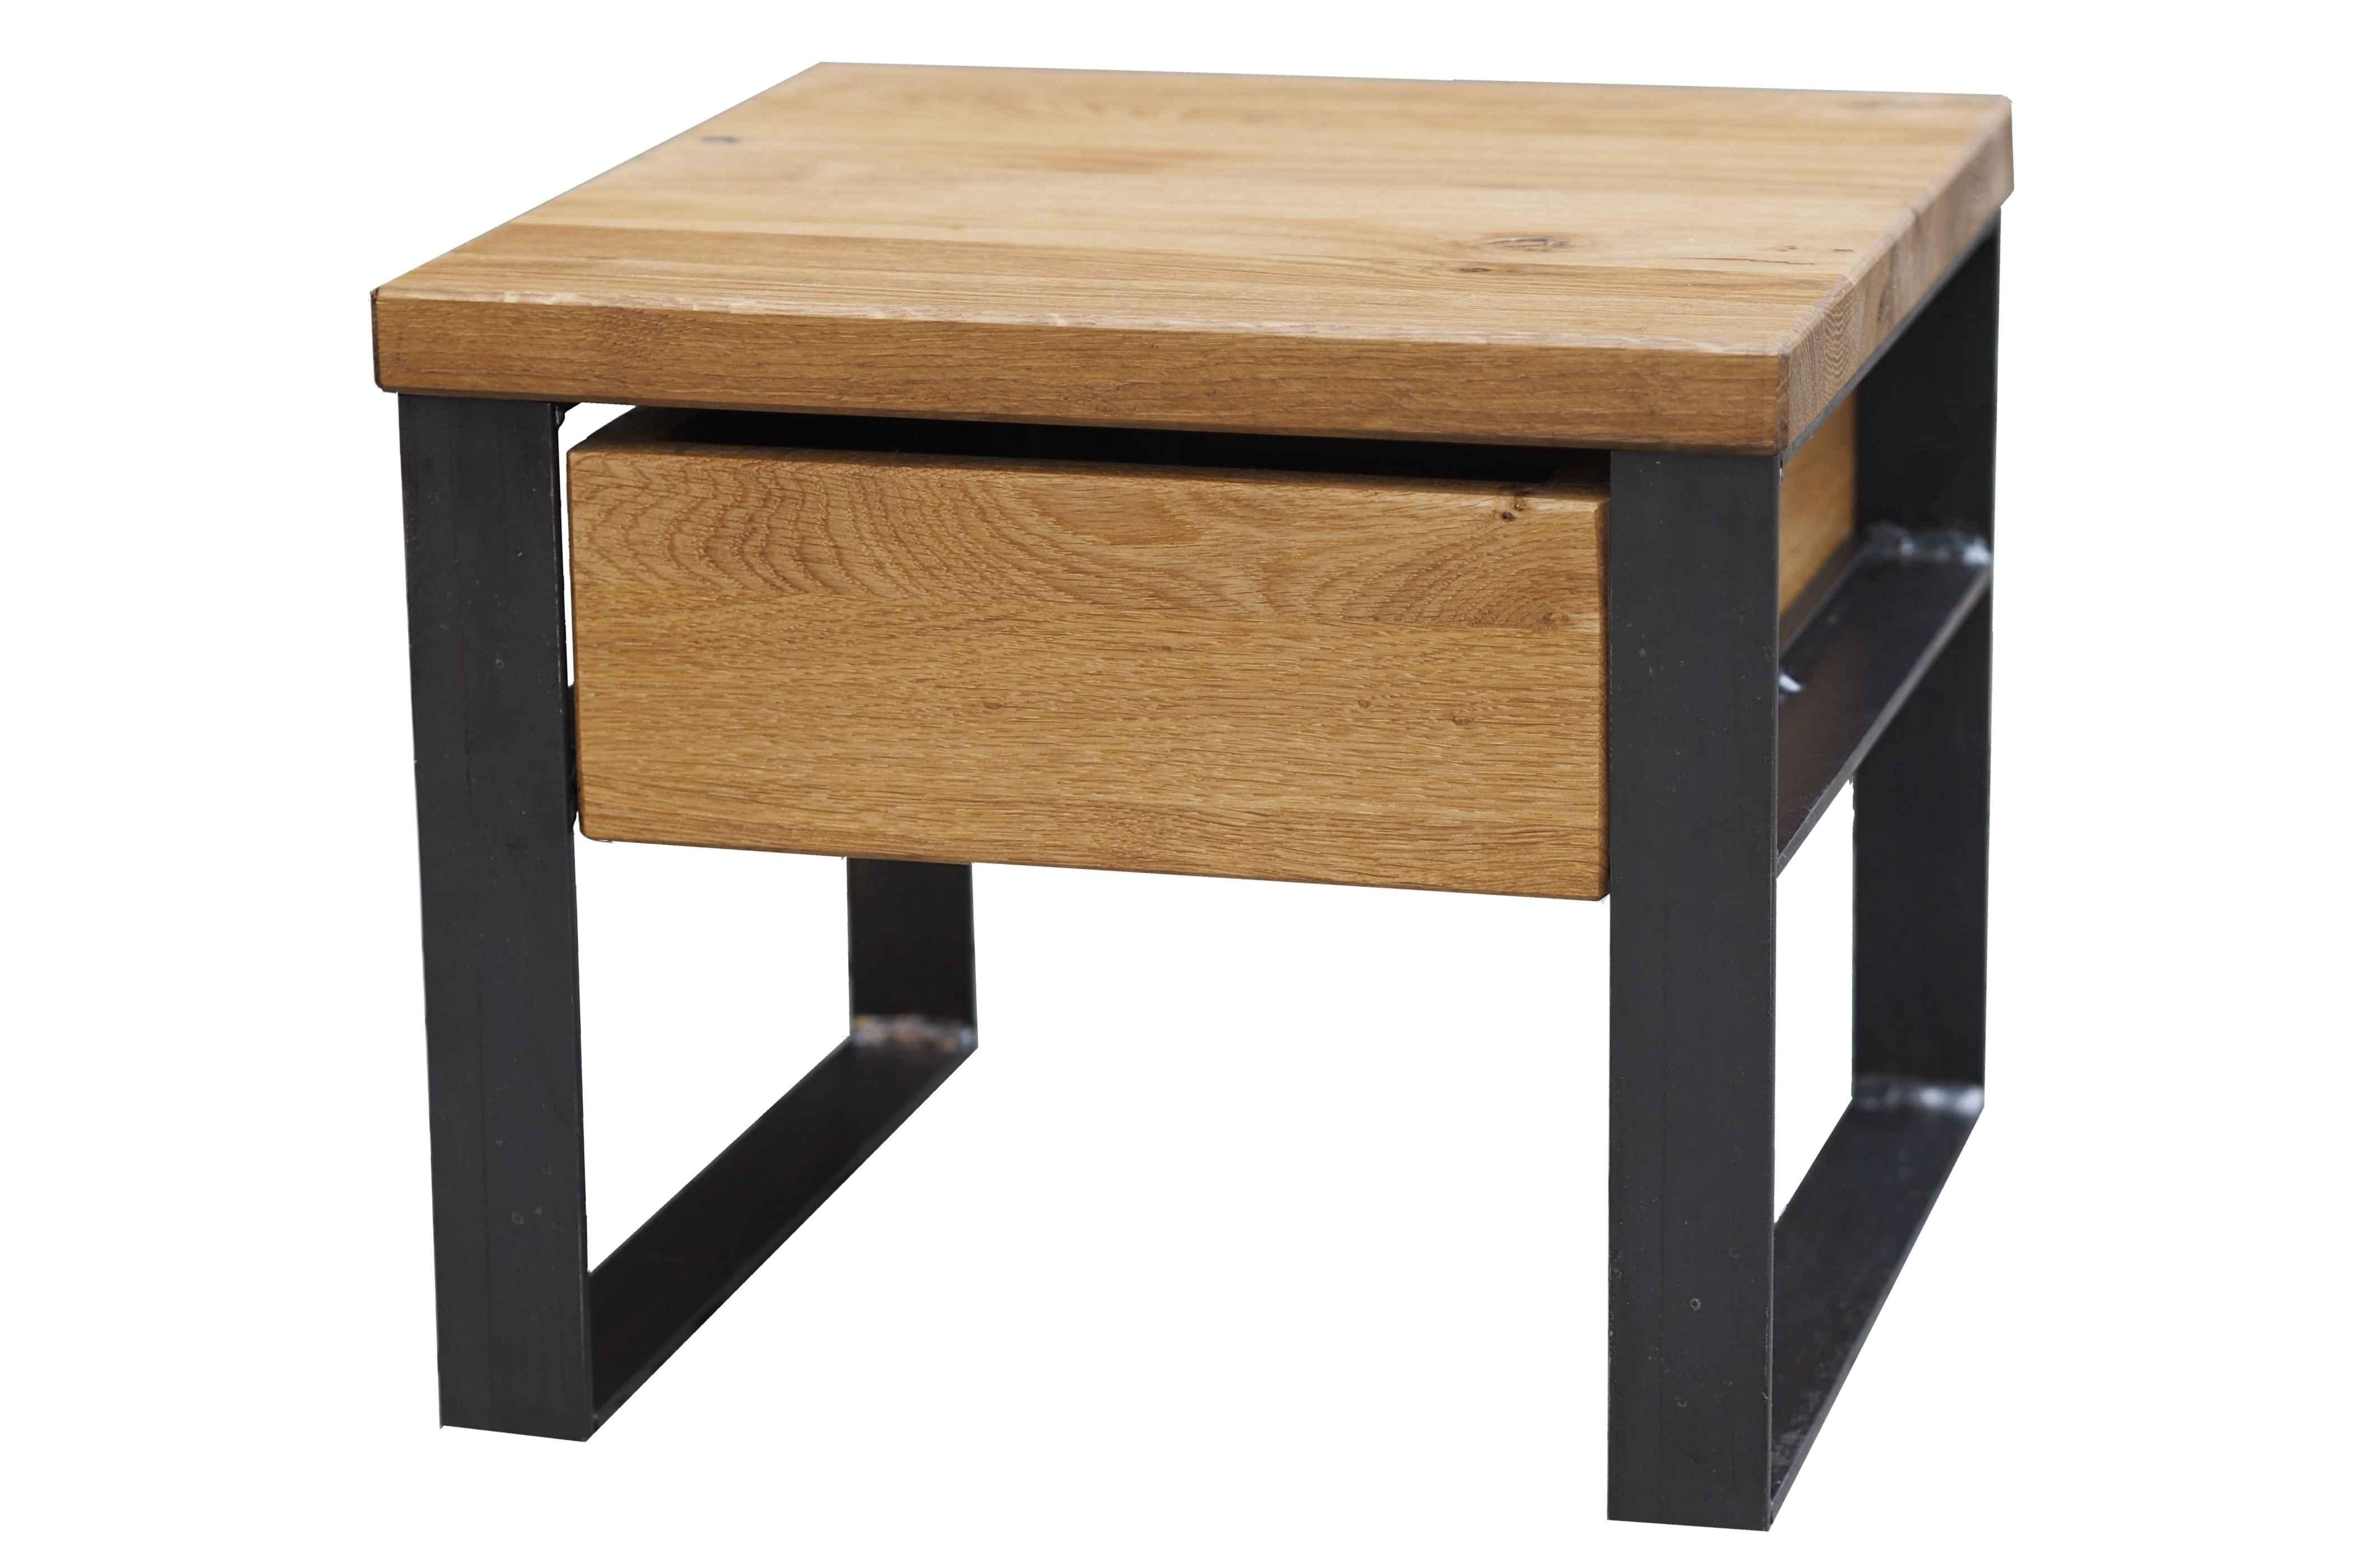 nachttisch aus eiche u stahl. Black Bedroom Furniture Sets. Home Design Ideas